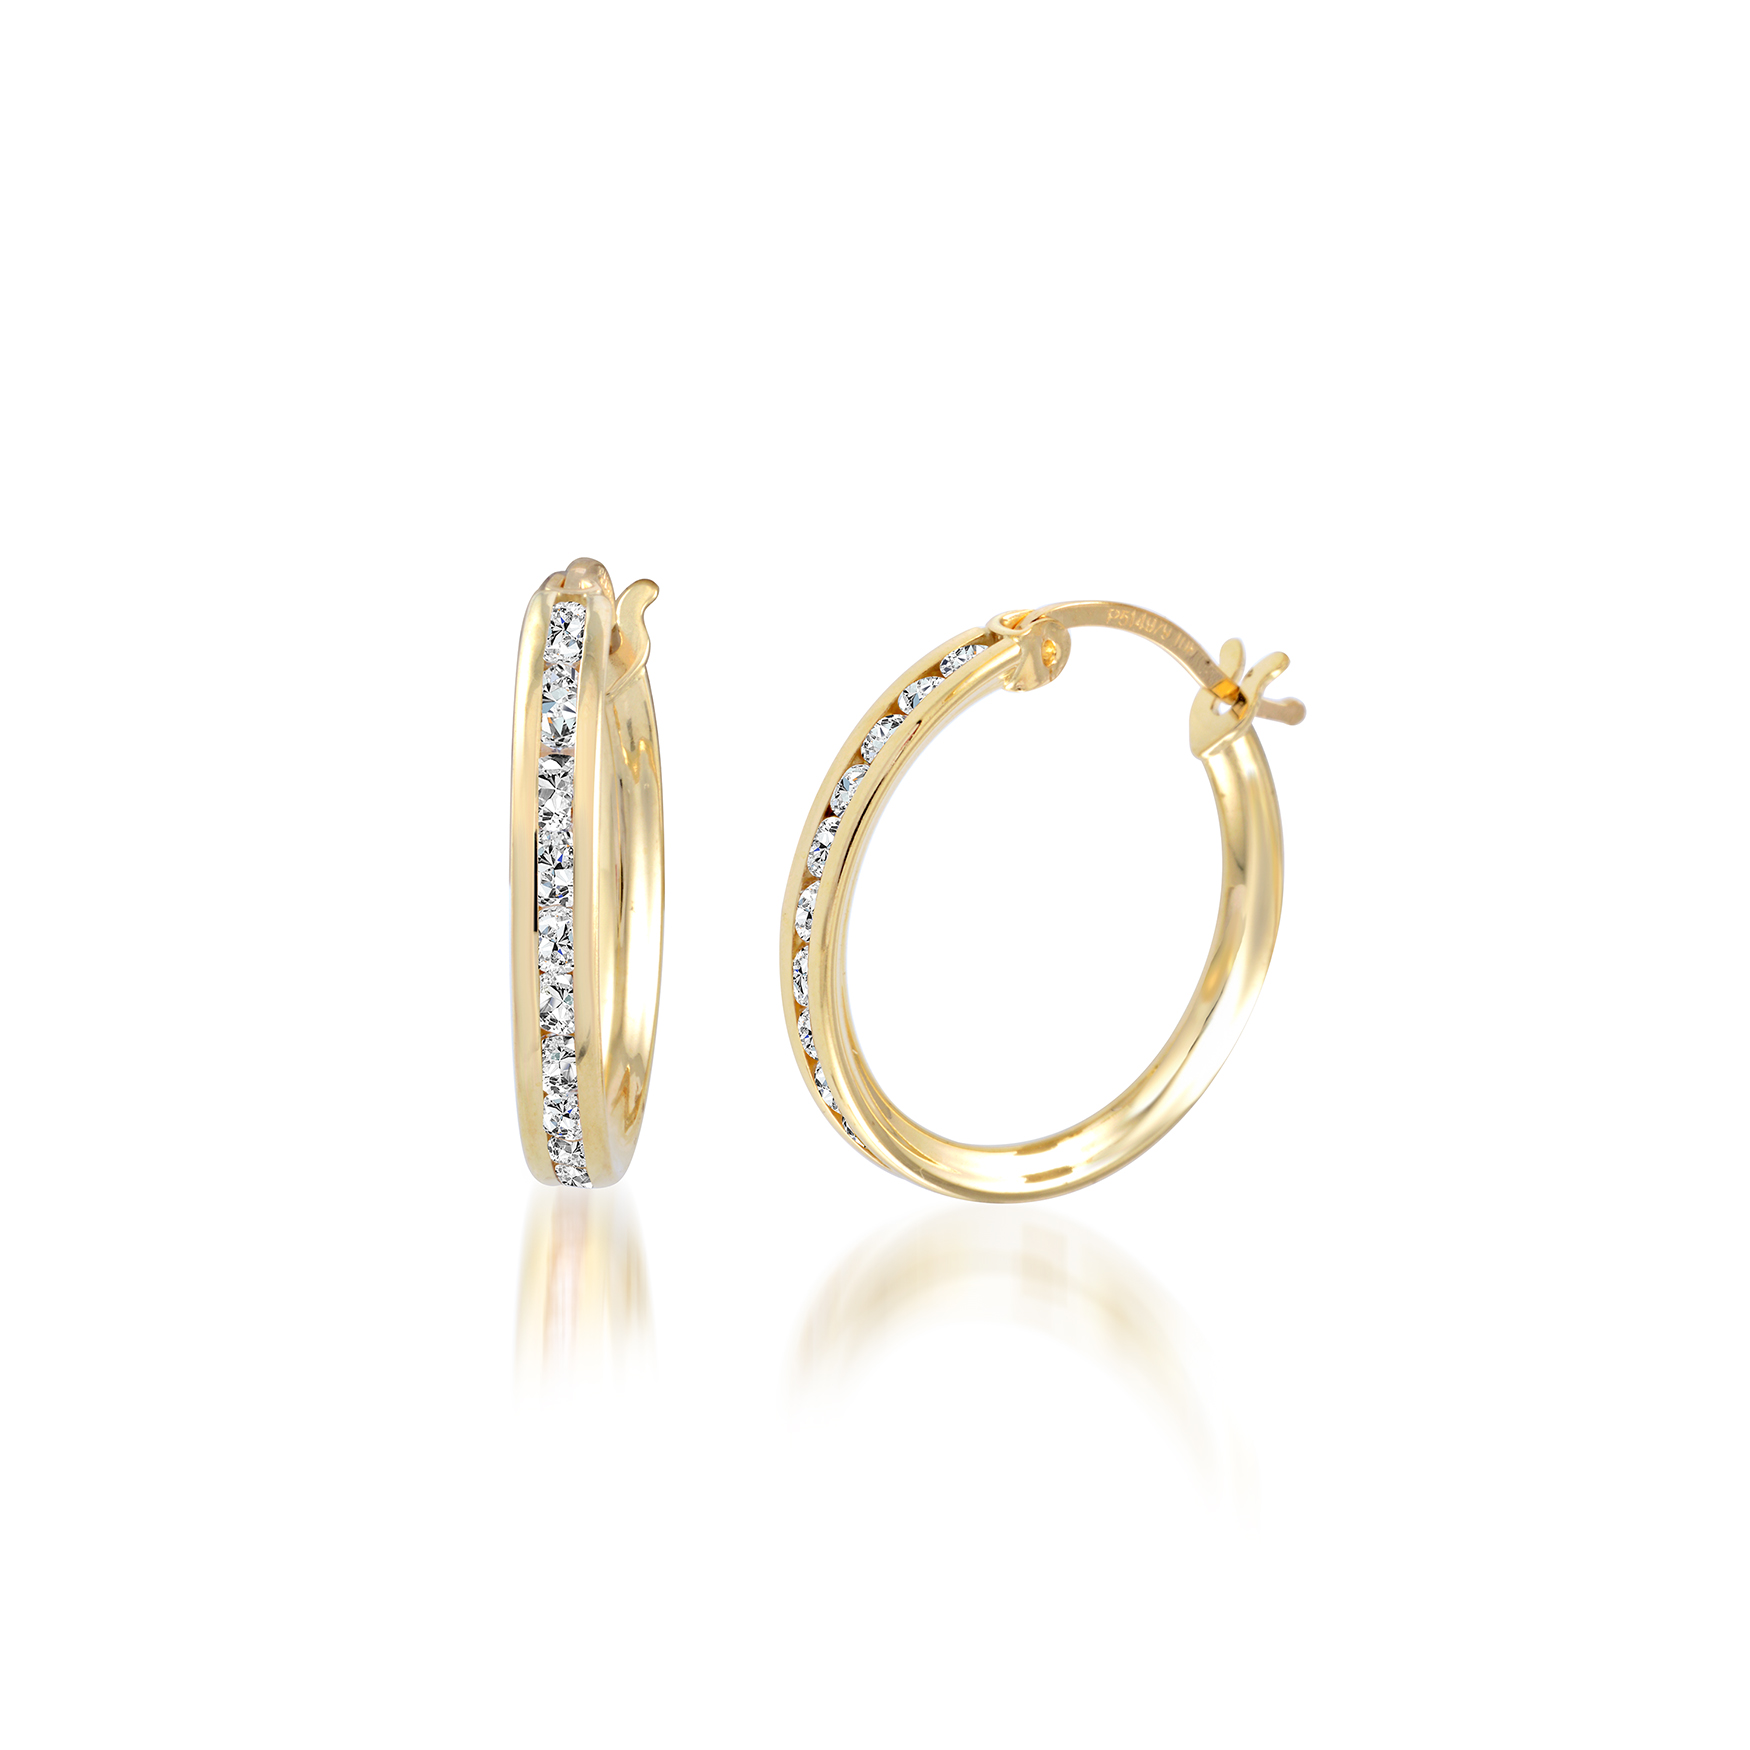 Boucles d'oreilles anneaux sertis de zircons cubiques - en or jaune 10K